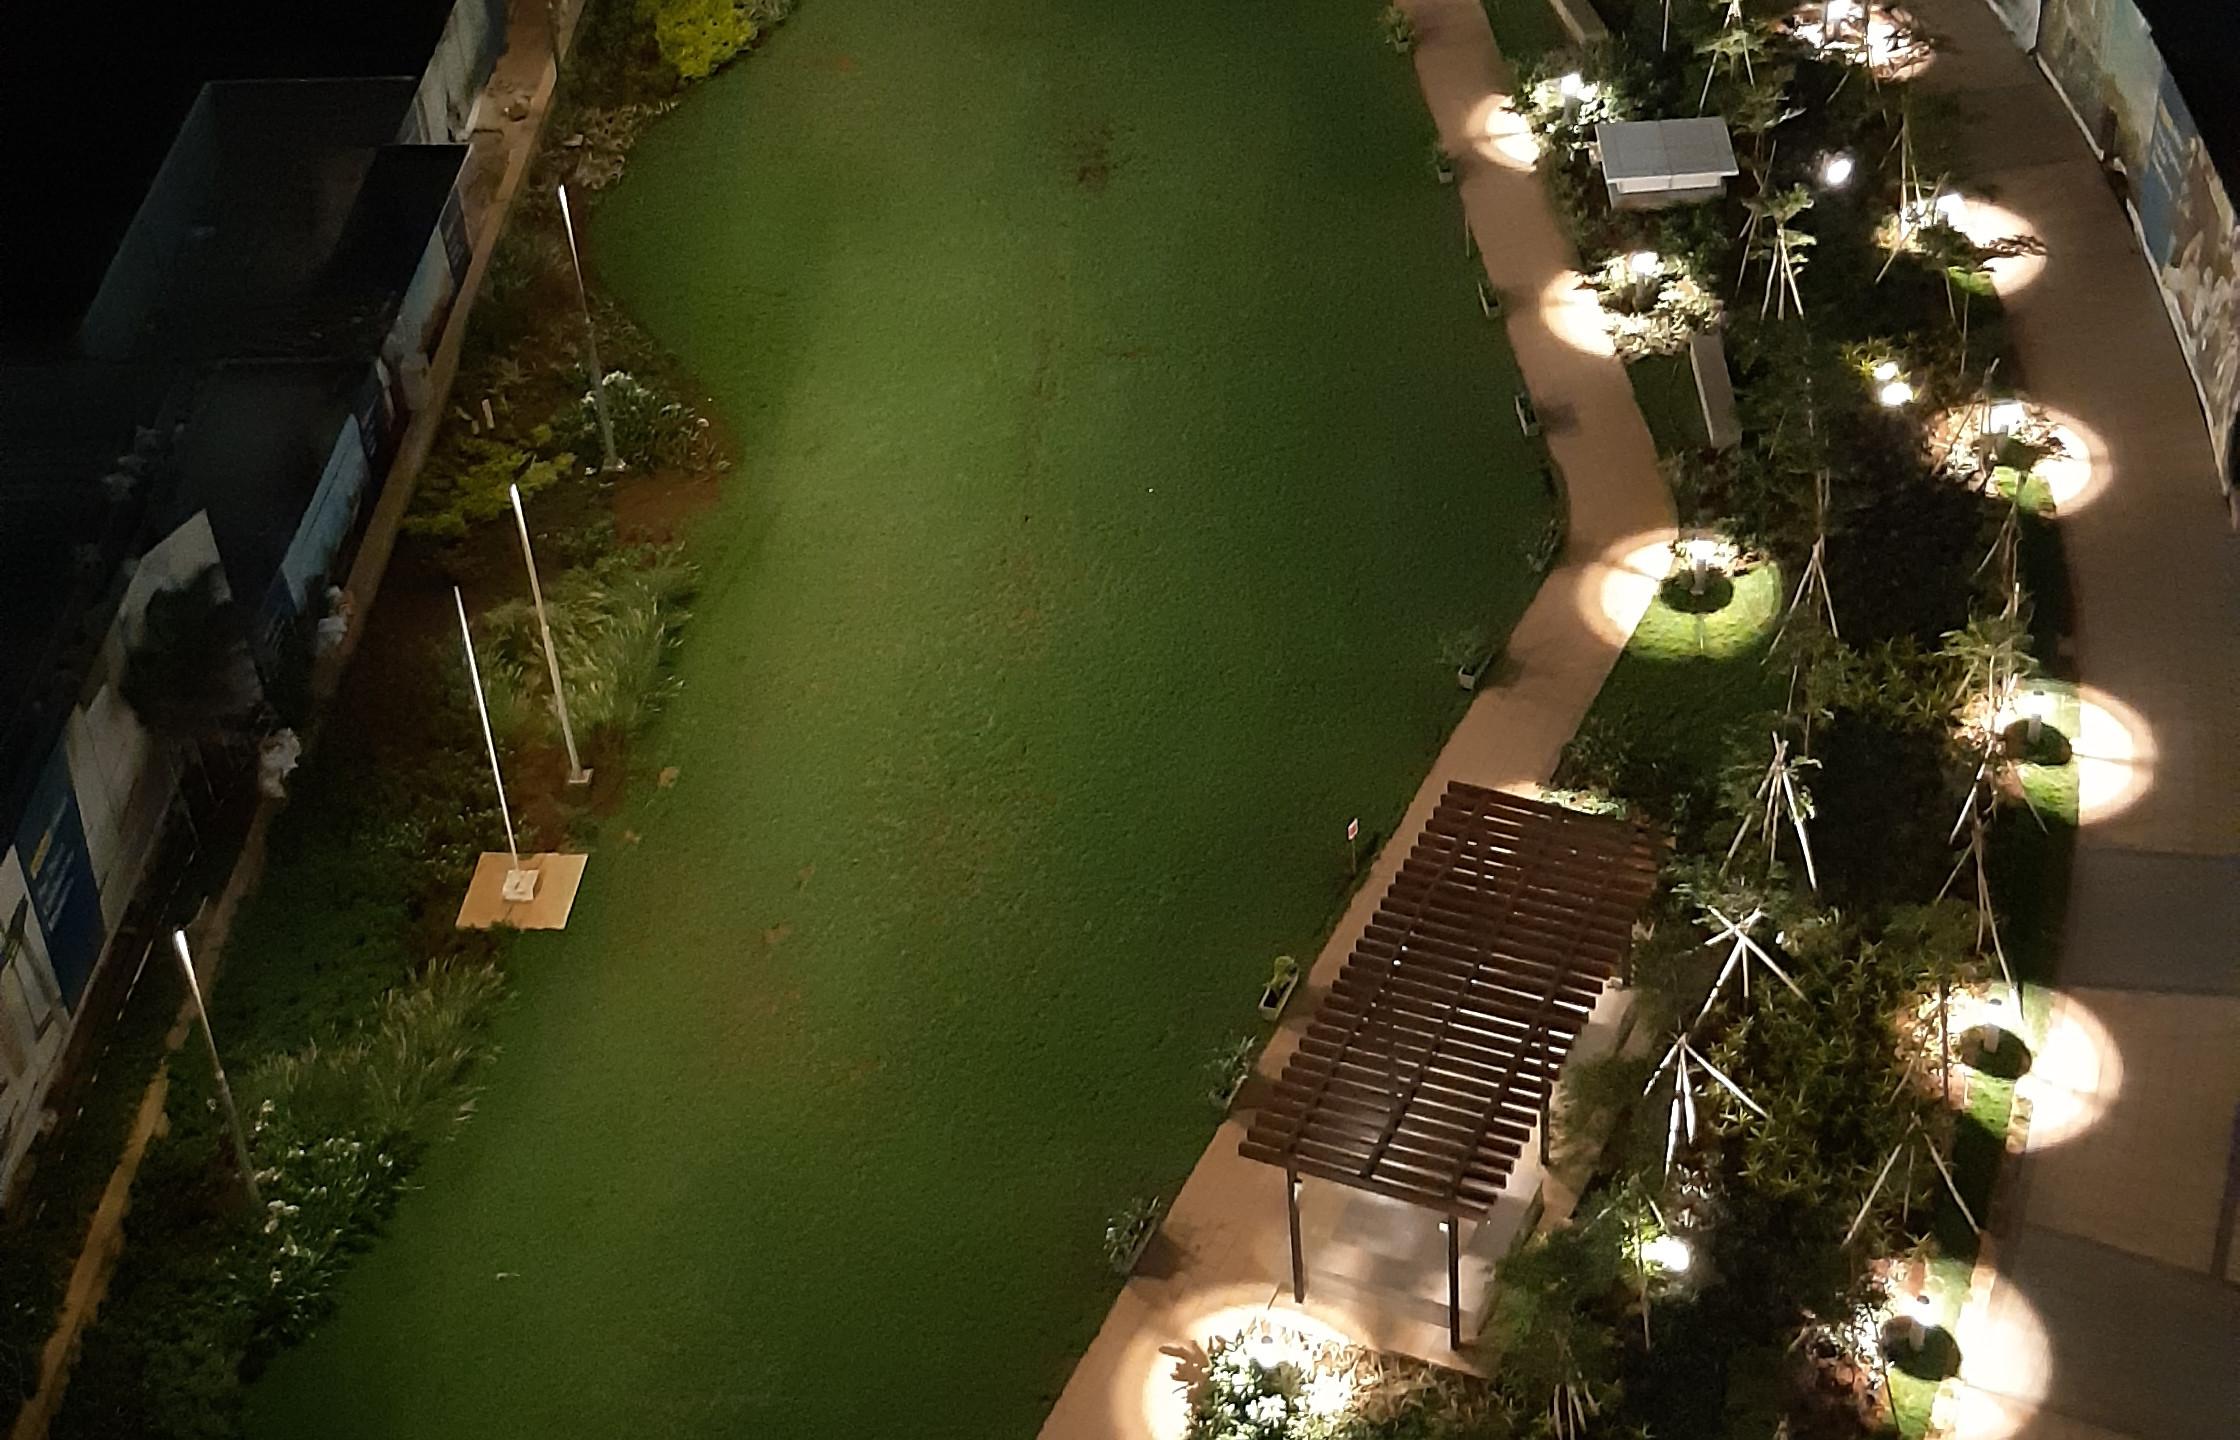 Arista Parel Garden View Night (2)